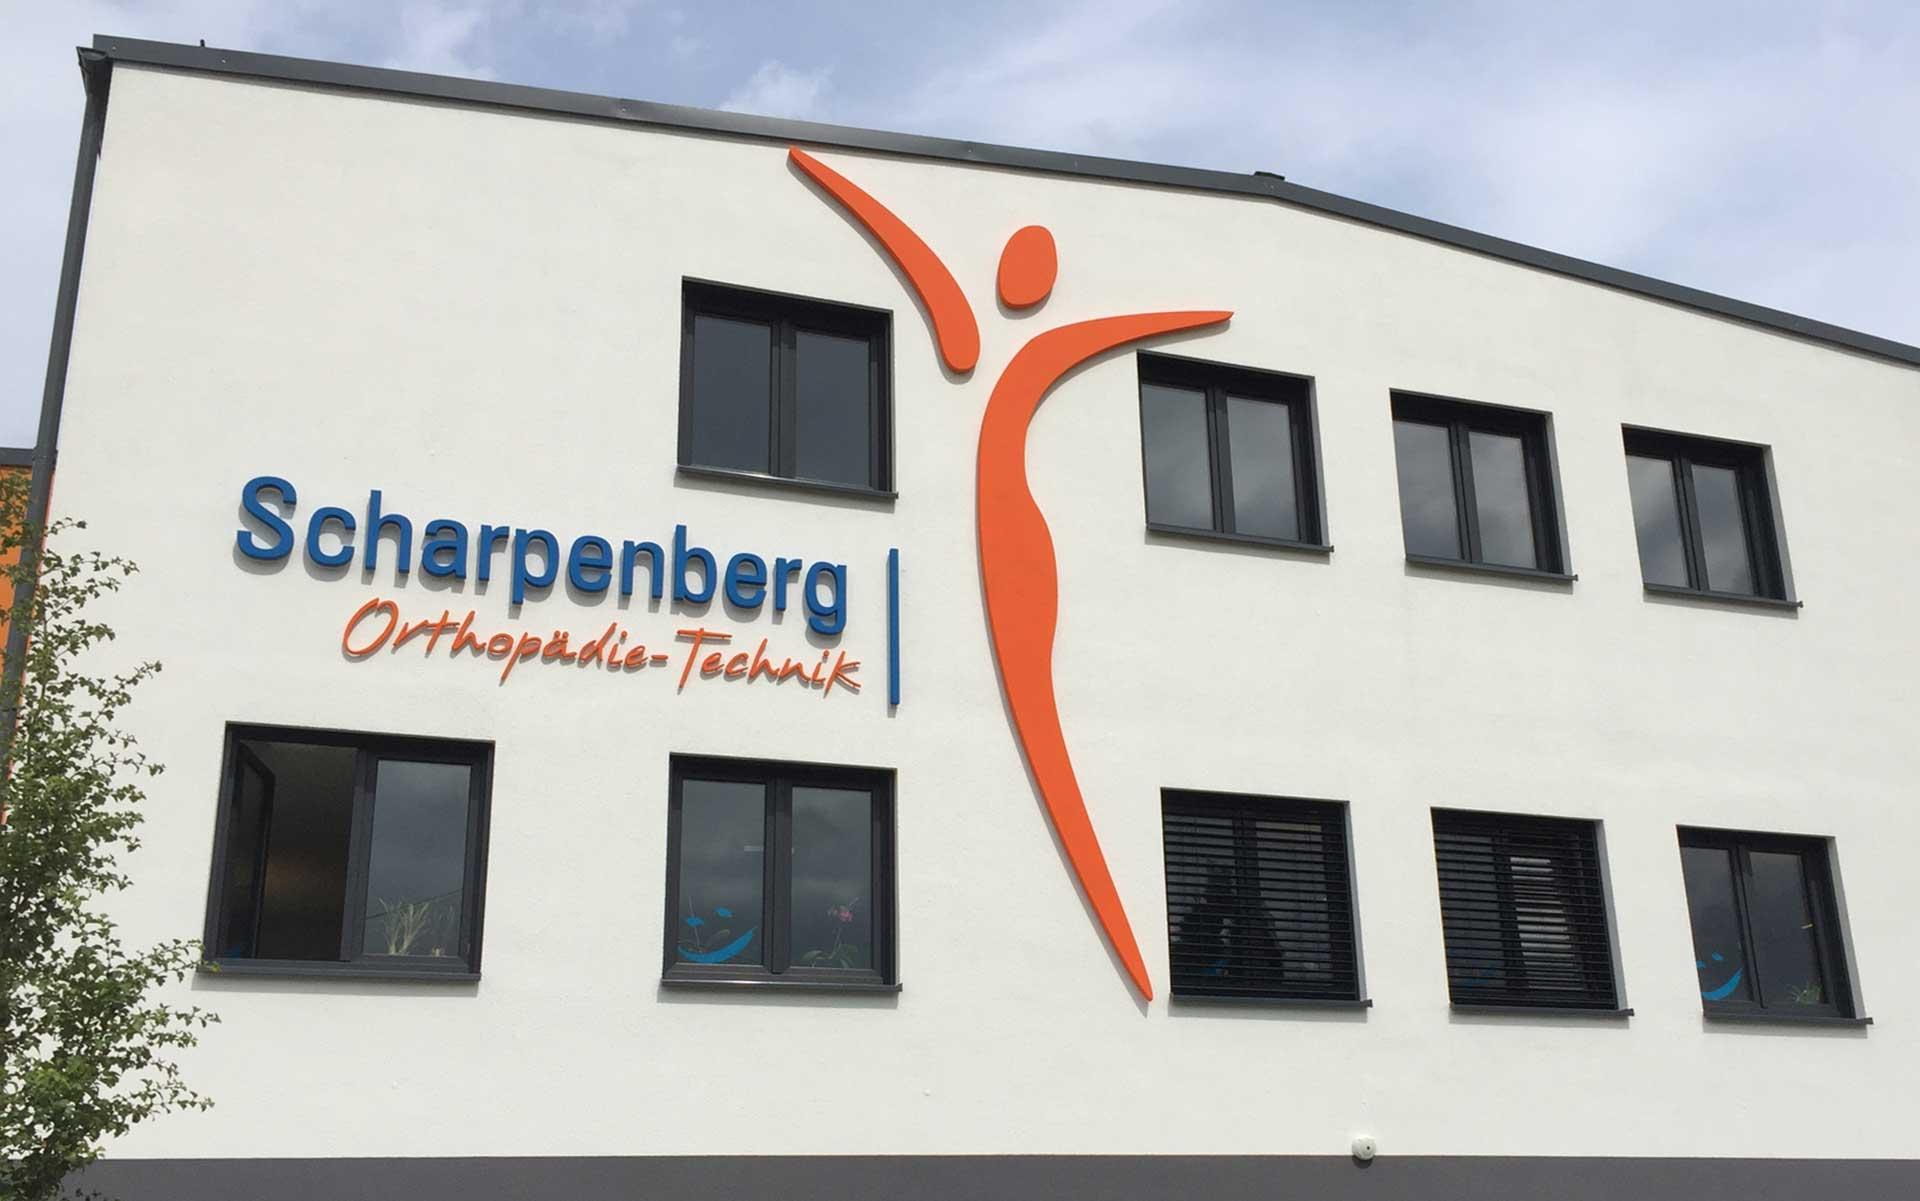 Außenwerbung an der Fassade Schwarpenberg